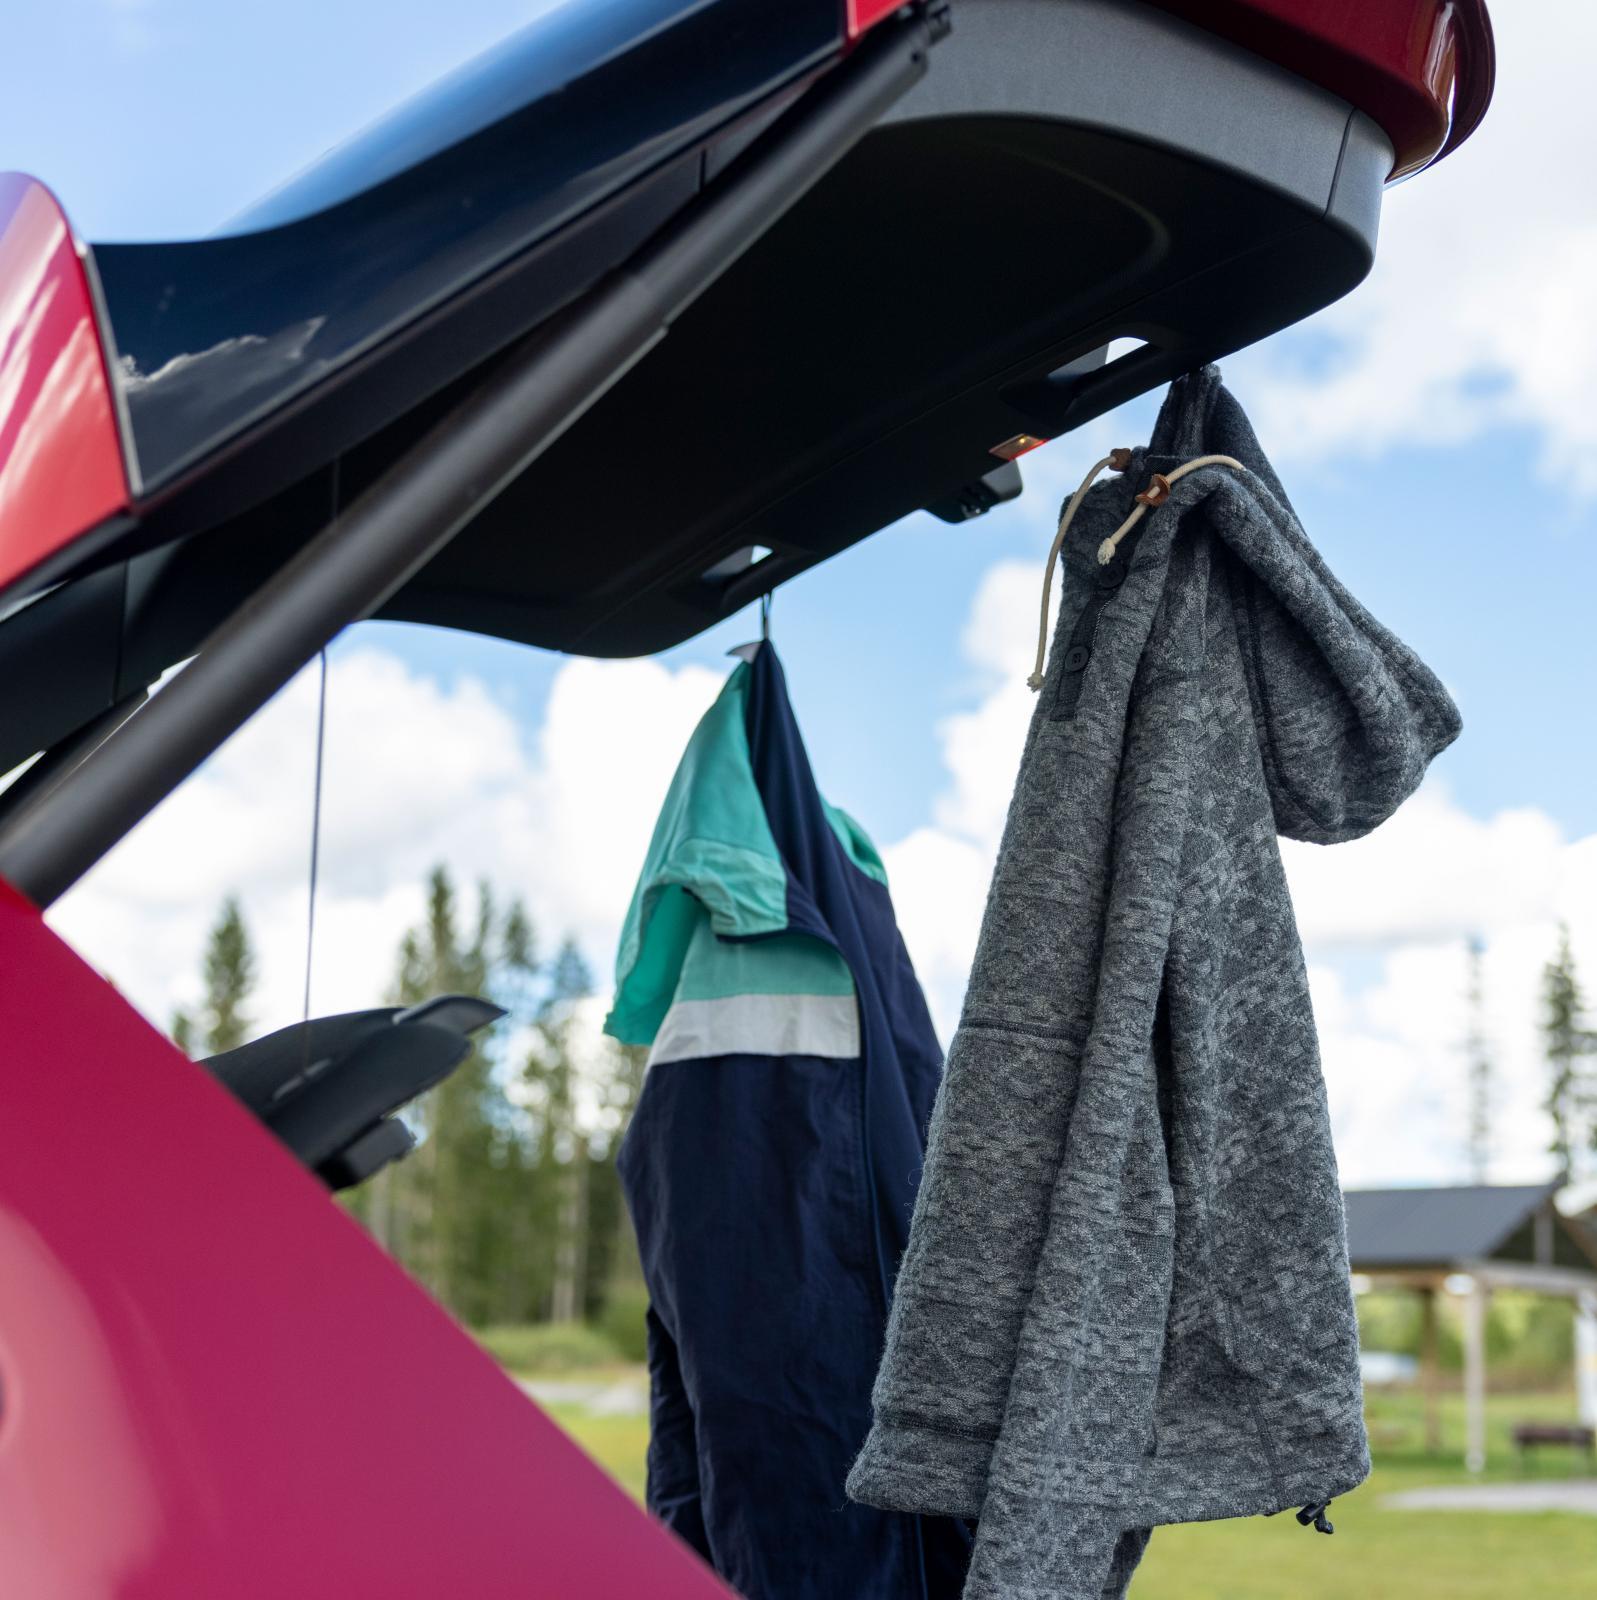 GLA har krokar för jackor på insidan av bagageluckan, praktiskt om man byter om efter fritidsaktiviteten.